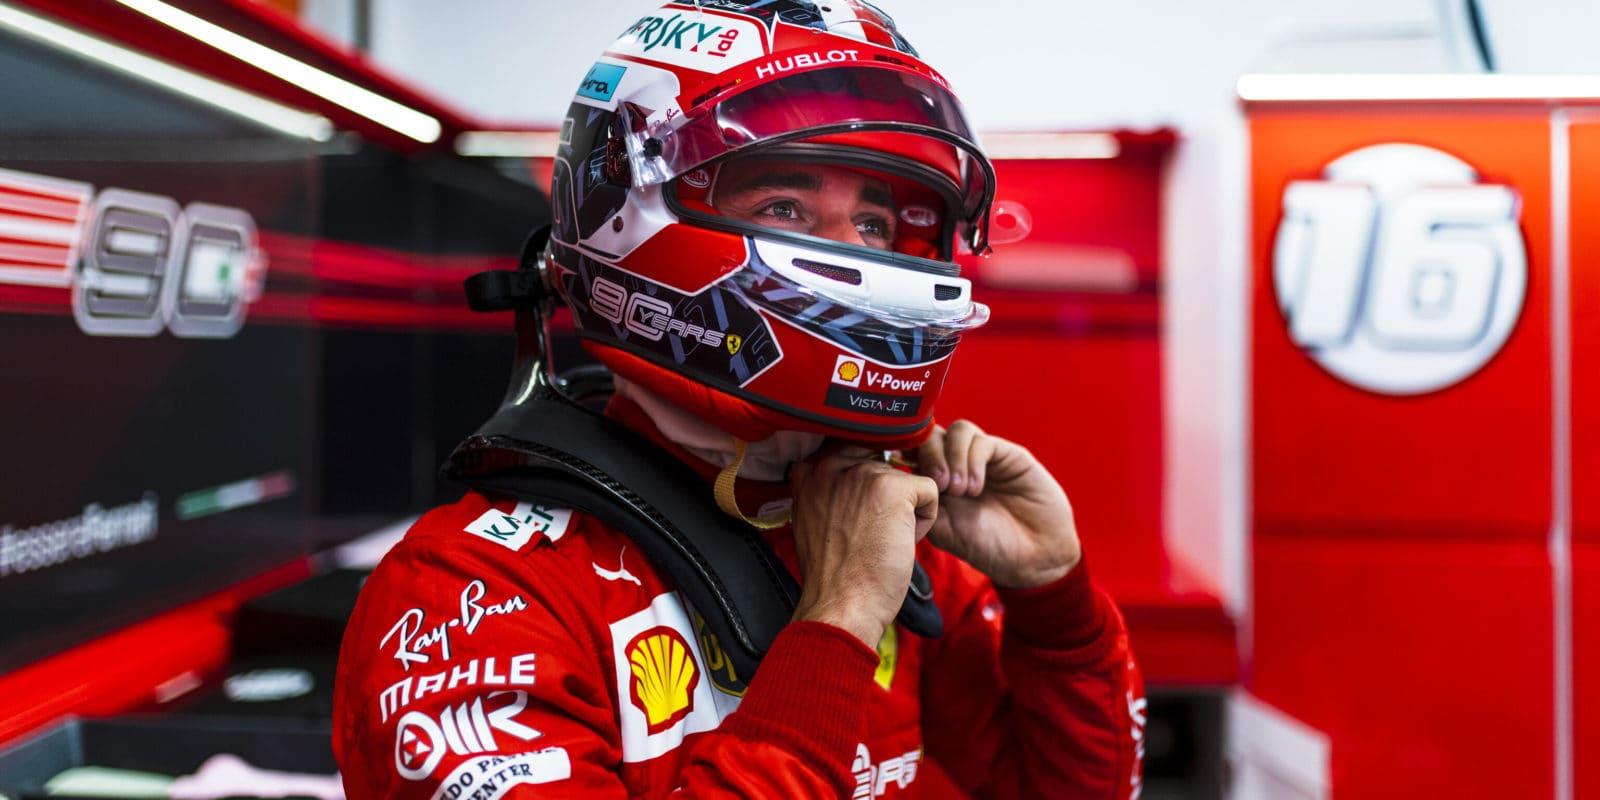 Víkend v Rusku otevřel nejrychleji Leclerc